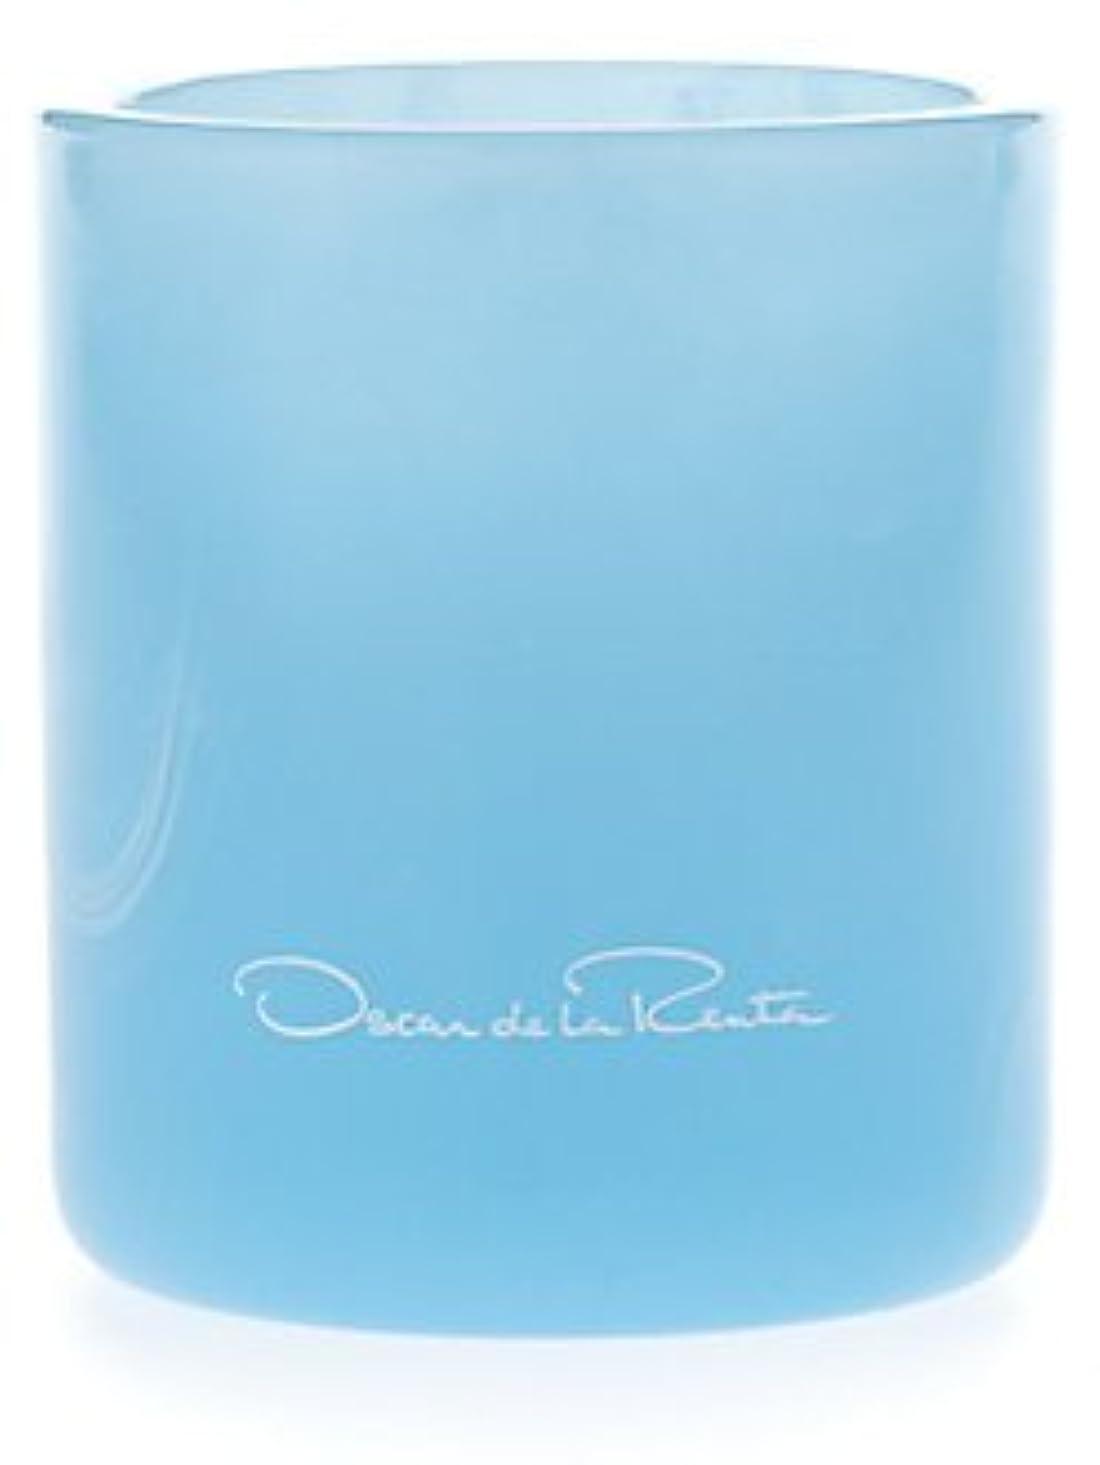 ハブブサンダル前進Something Blue (サムシング?ブルー) 7.0 oz (210ml) Candle by Oscar de la Renta for Women